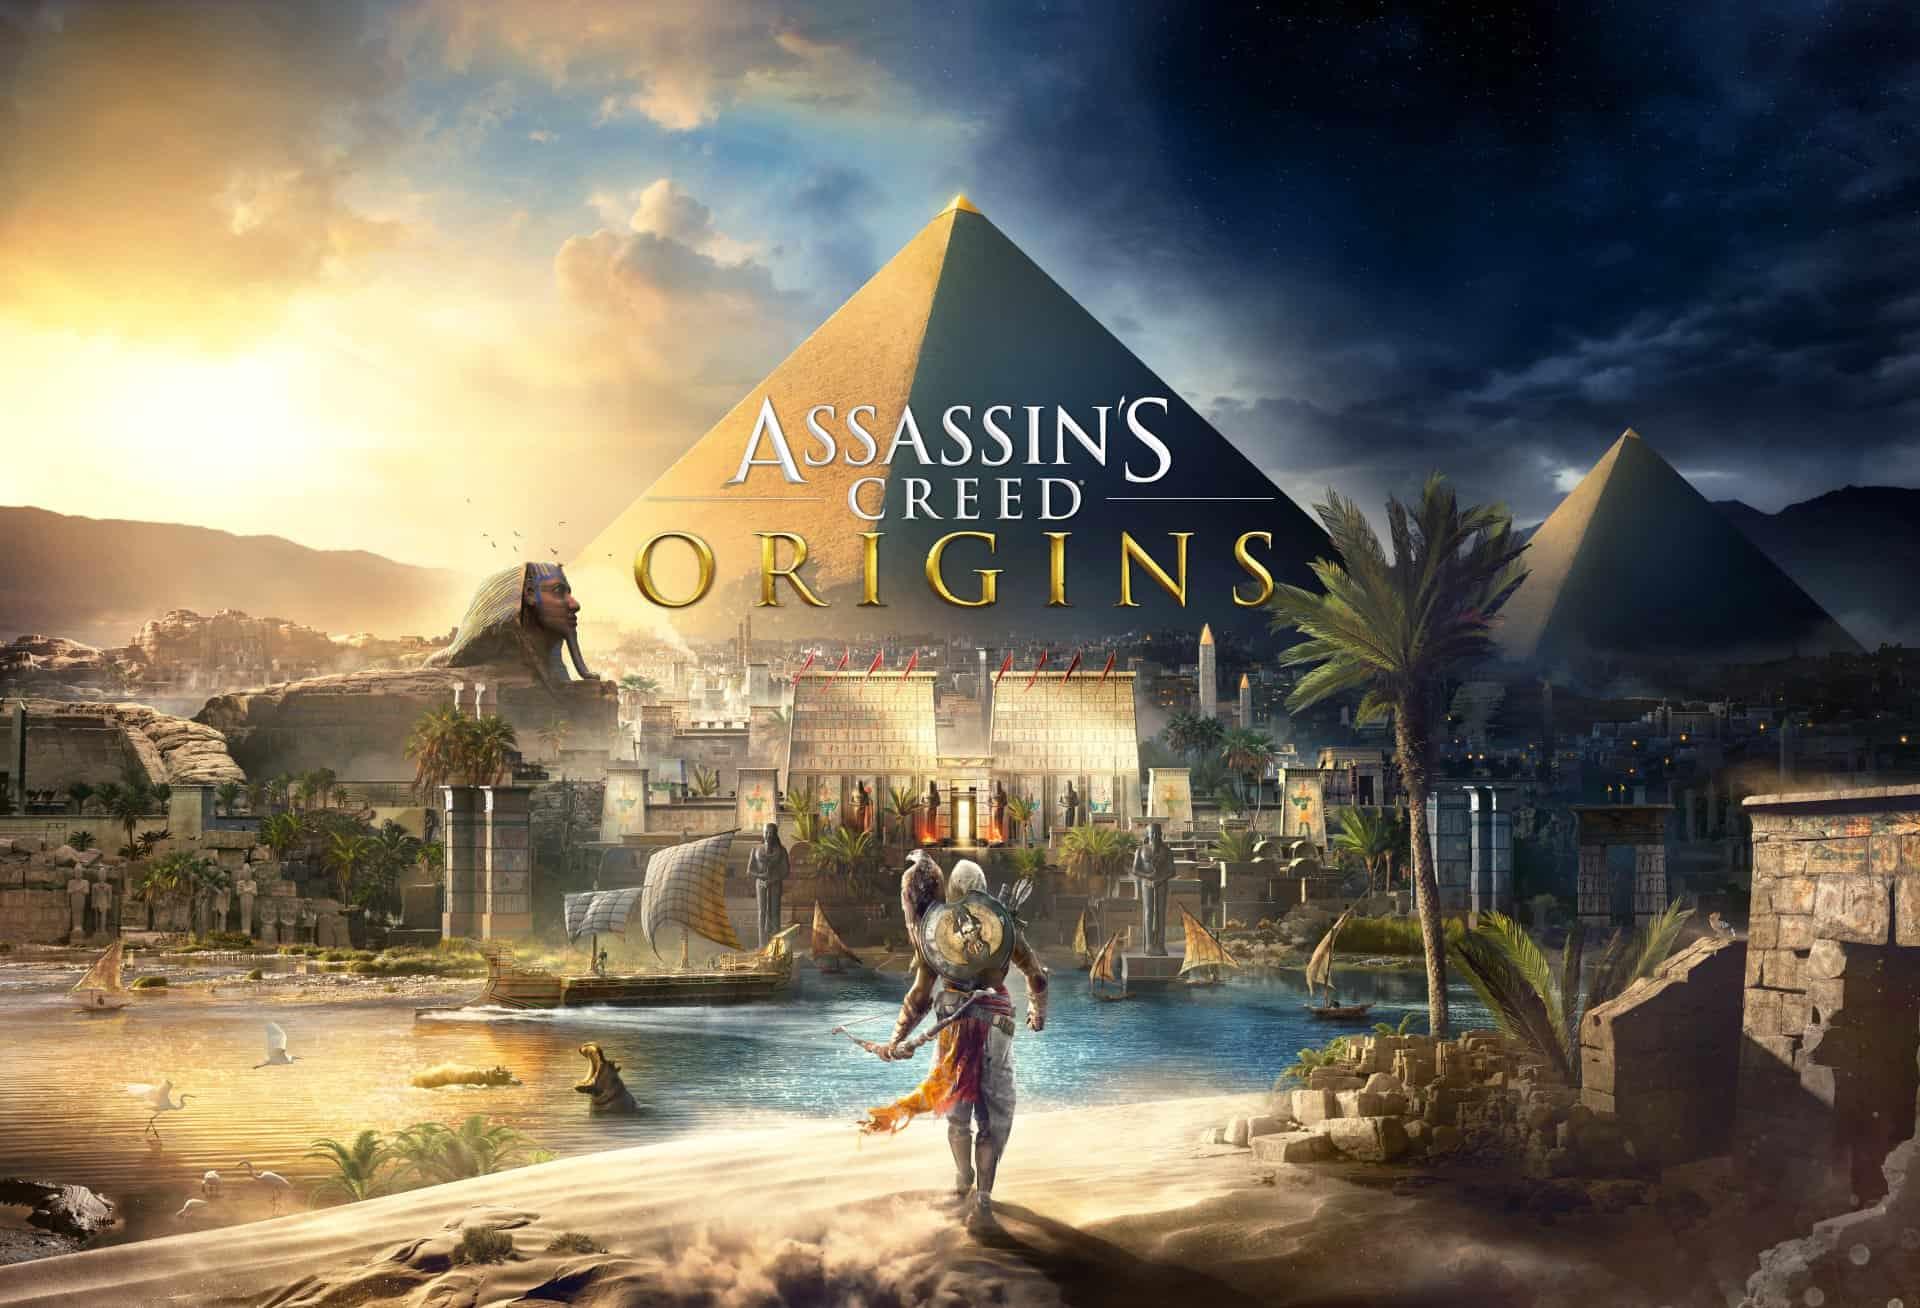 Best Assassins Creed Games - Assassins Creed Origins